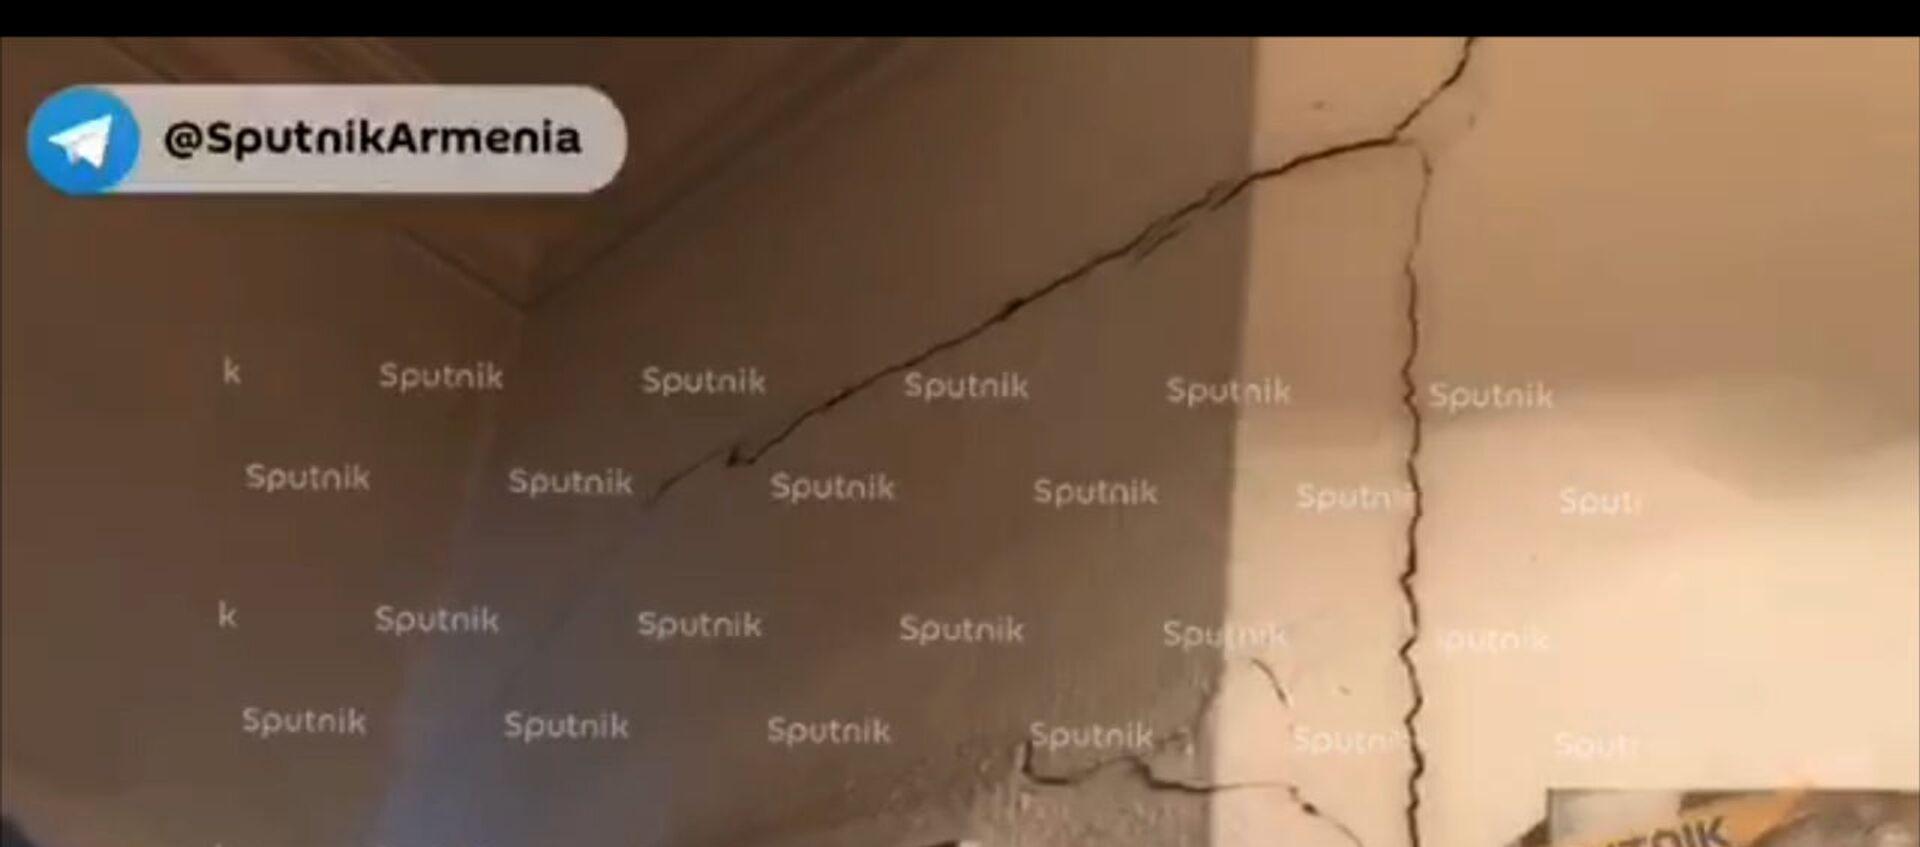 В некоторых зданиях в центре Еревана образовались трещины в стенах из-за землетрясения - Sputnik Արմենիա, 1920, 13.02.2021